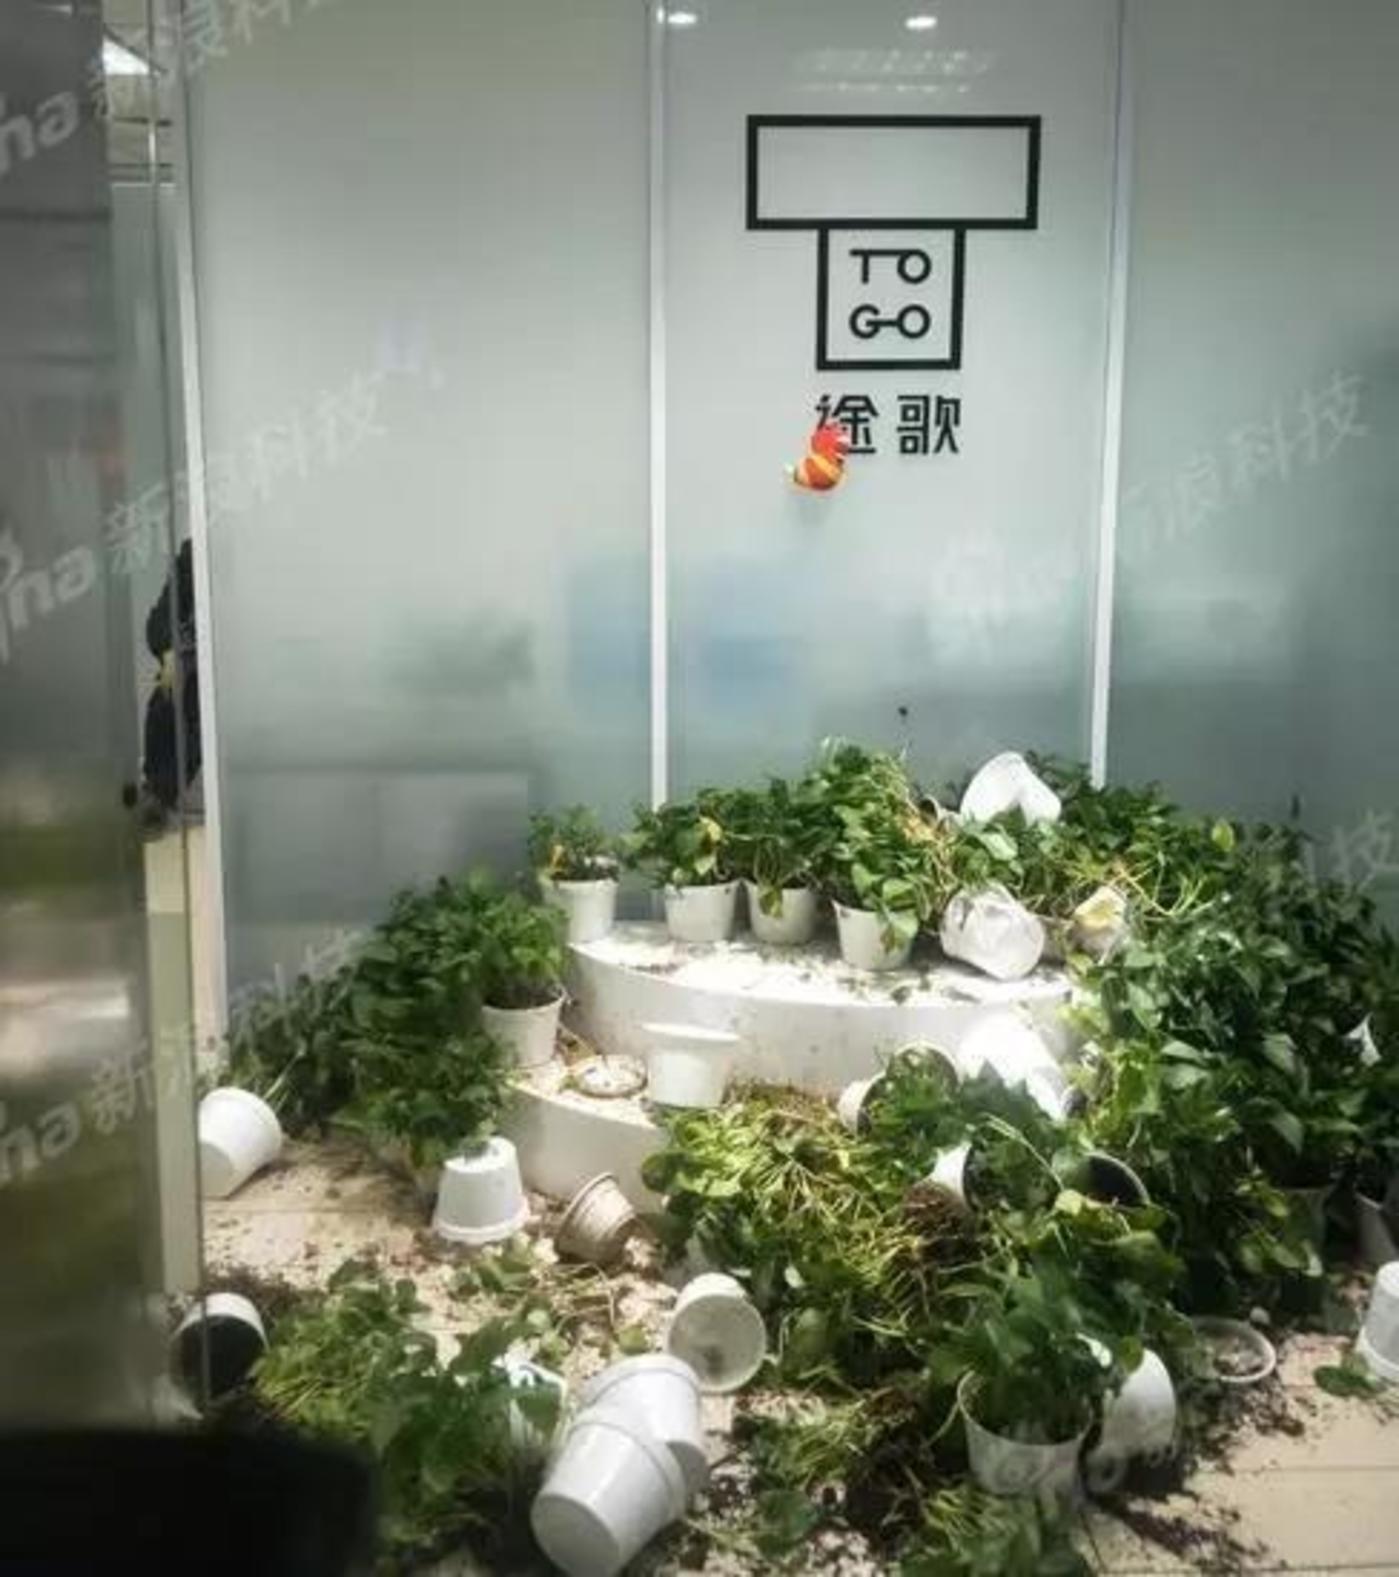 途歌办公室,门口的花坛被用户砸烂